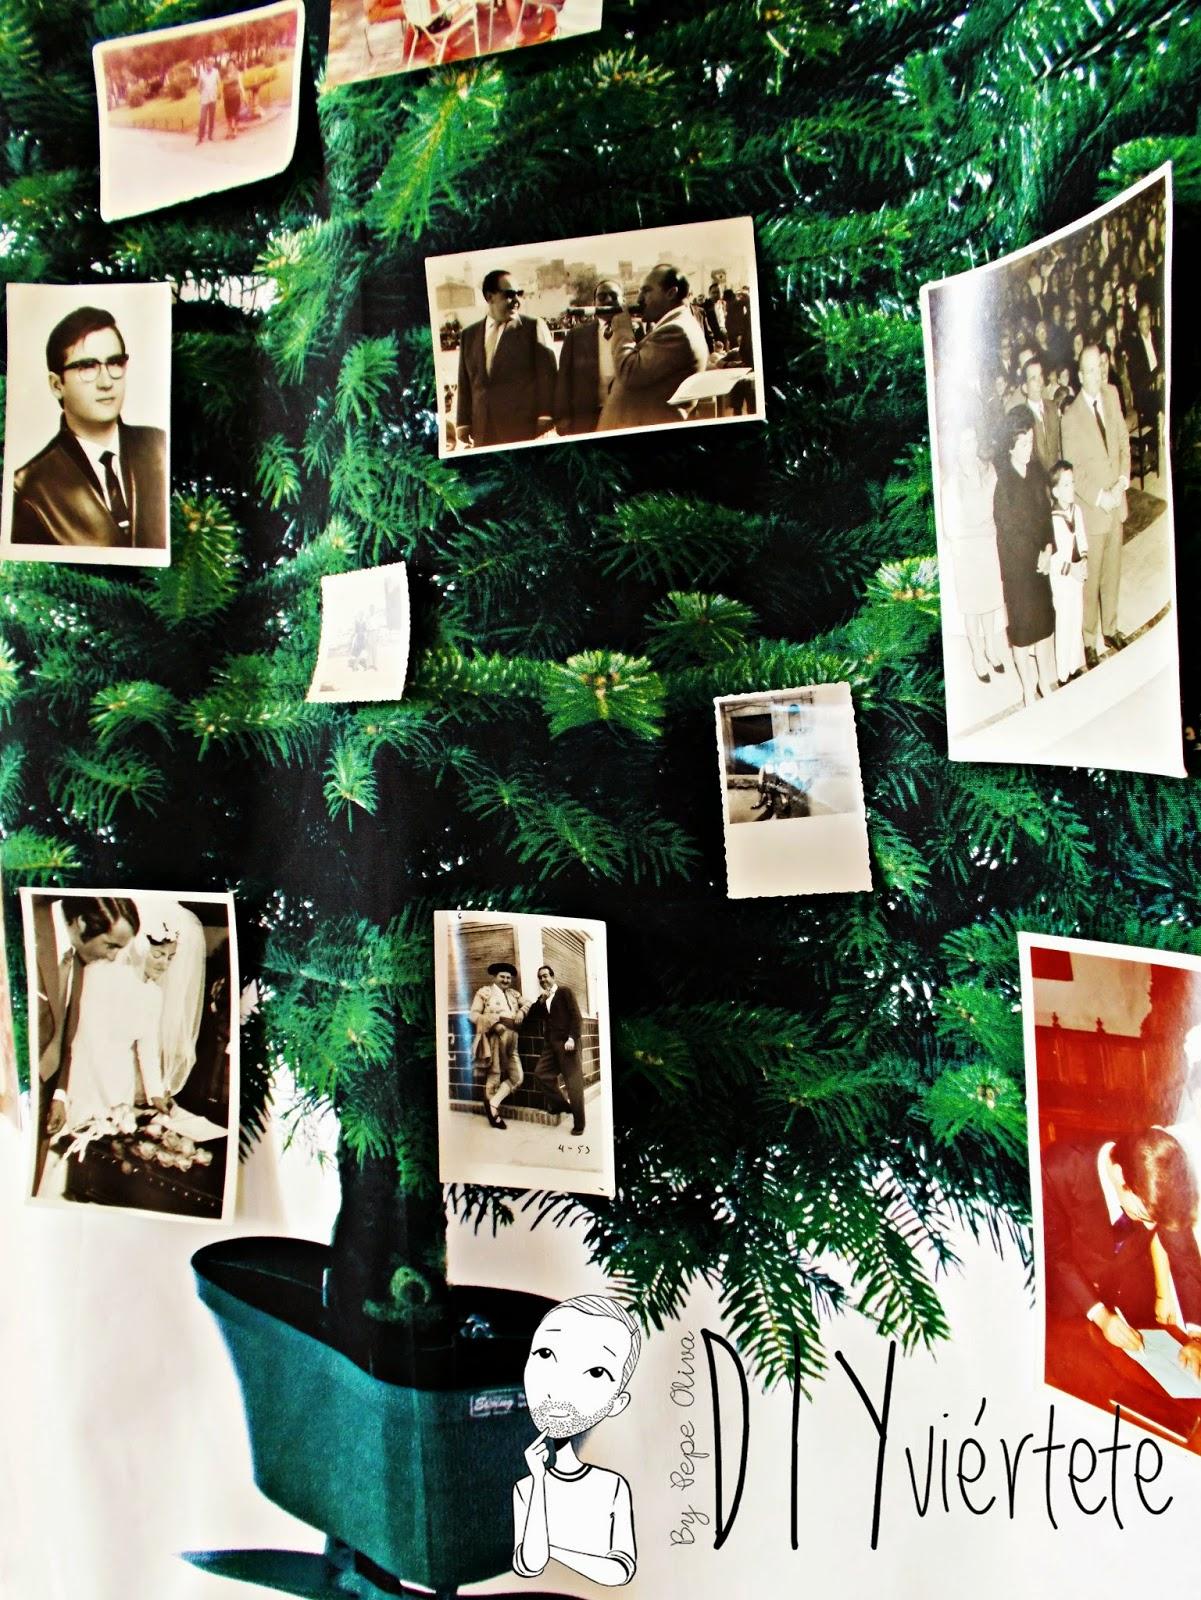 DIY-árbol navidad-textil-coser-costura-pasoapaso-recuerdos-vintage-fotografía-DIYviertete-blogersando-diciembre- (1)gif2